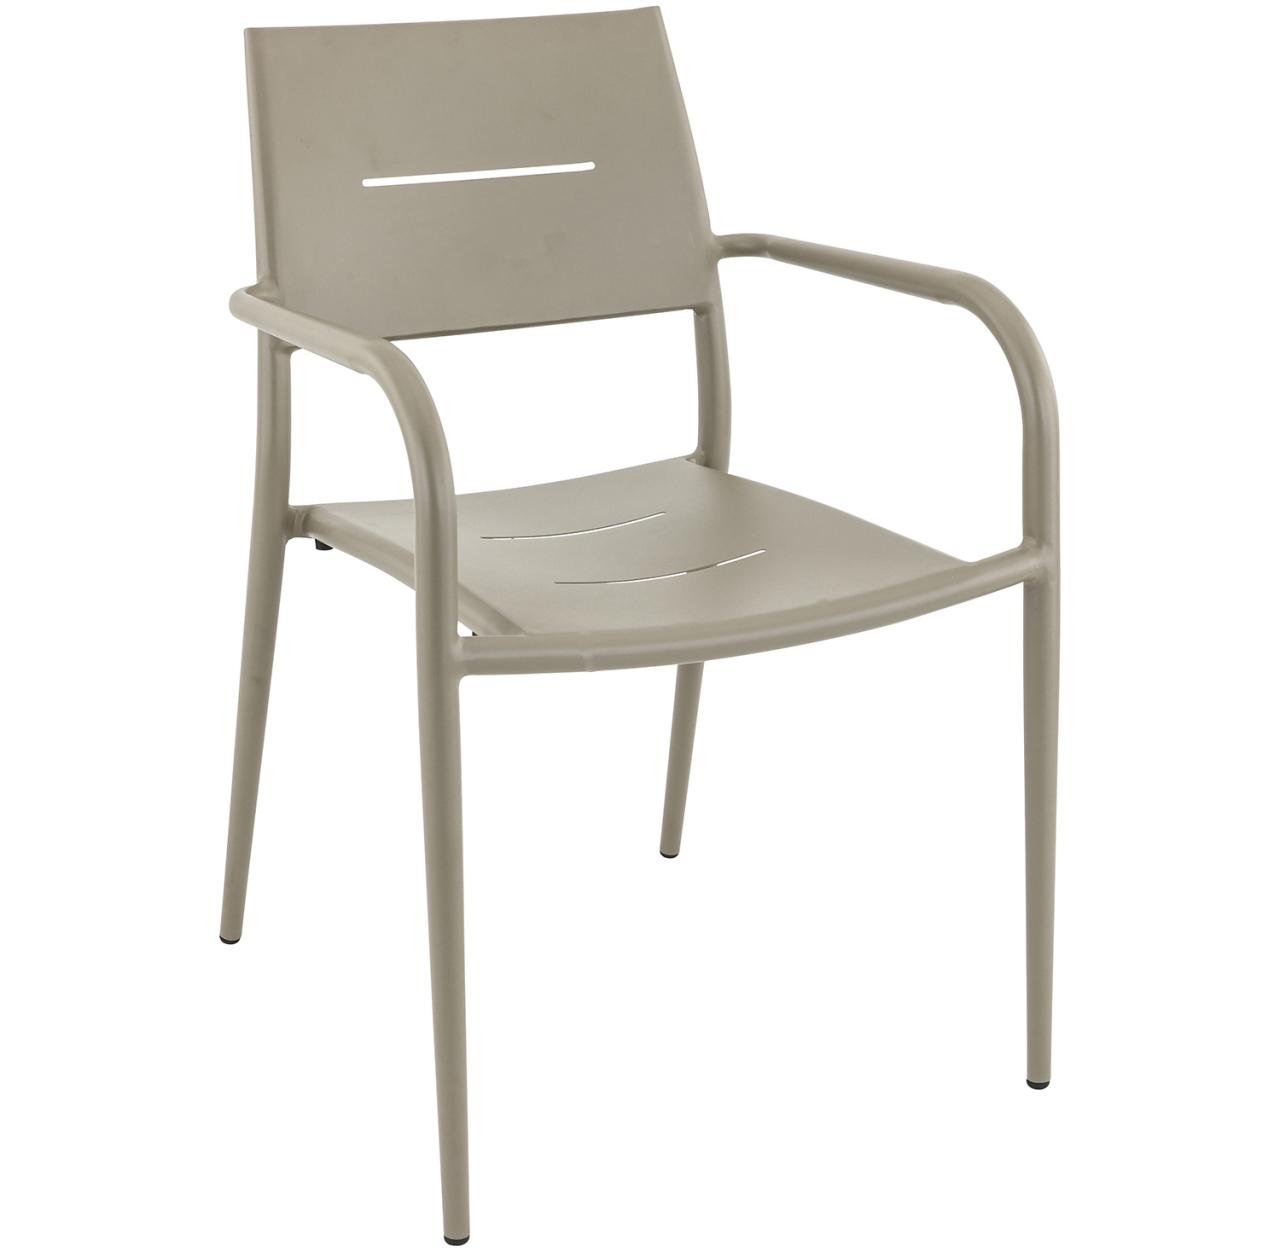 mobilier coulomb fauteuil de terrasse aluminium grenoble mobilier terrasse de bar. Black Bedroom Furniture Sets. Home Design Ideas